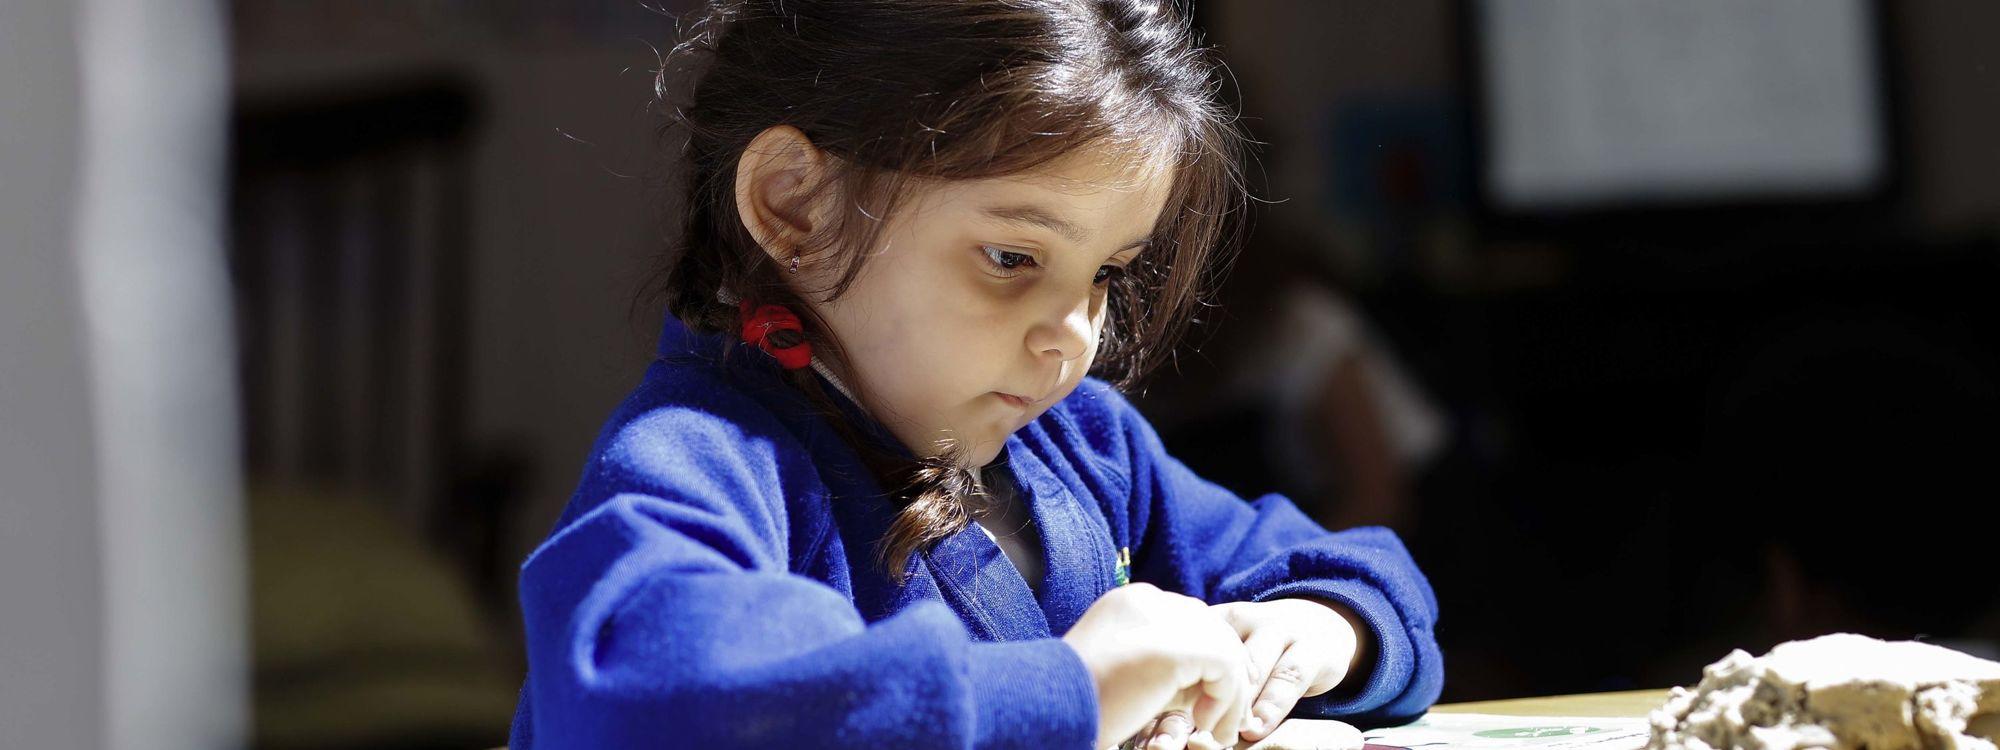 Avenue Primary School Header Image 2